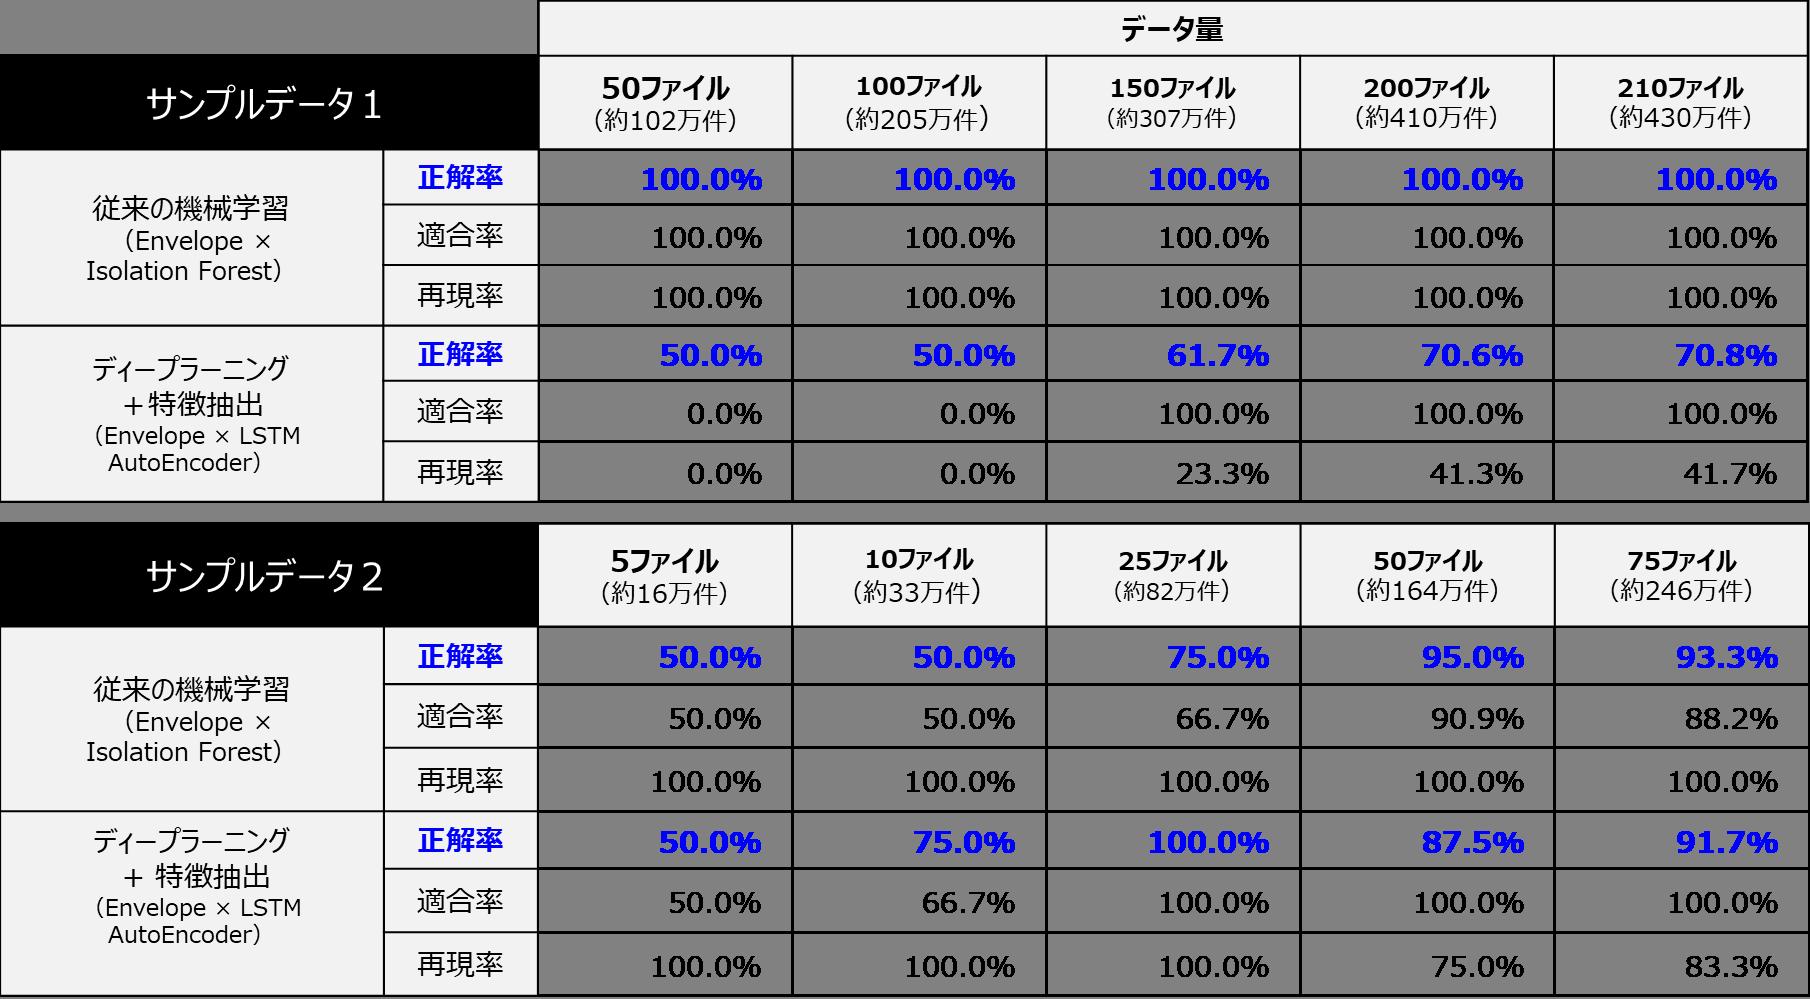 従来の機械学習とディープラーニング+特徴抽出の精度(正解率)比較_2